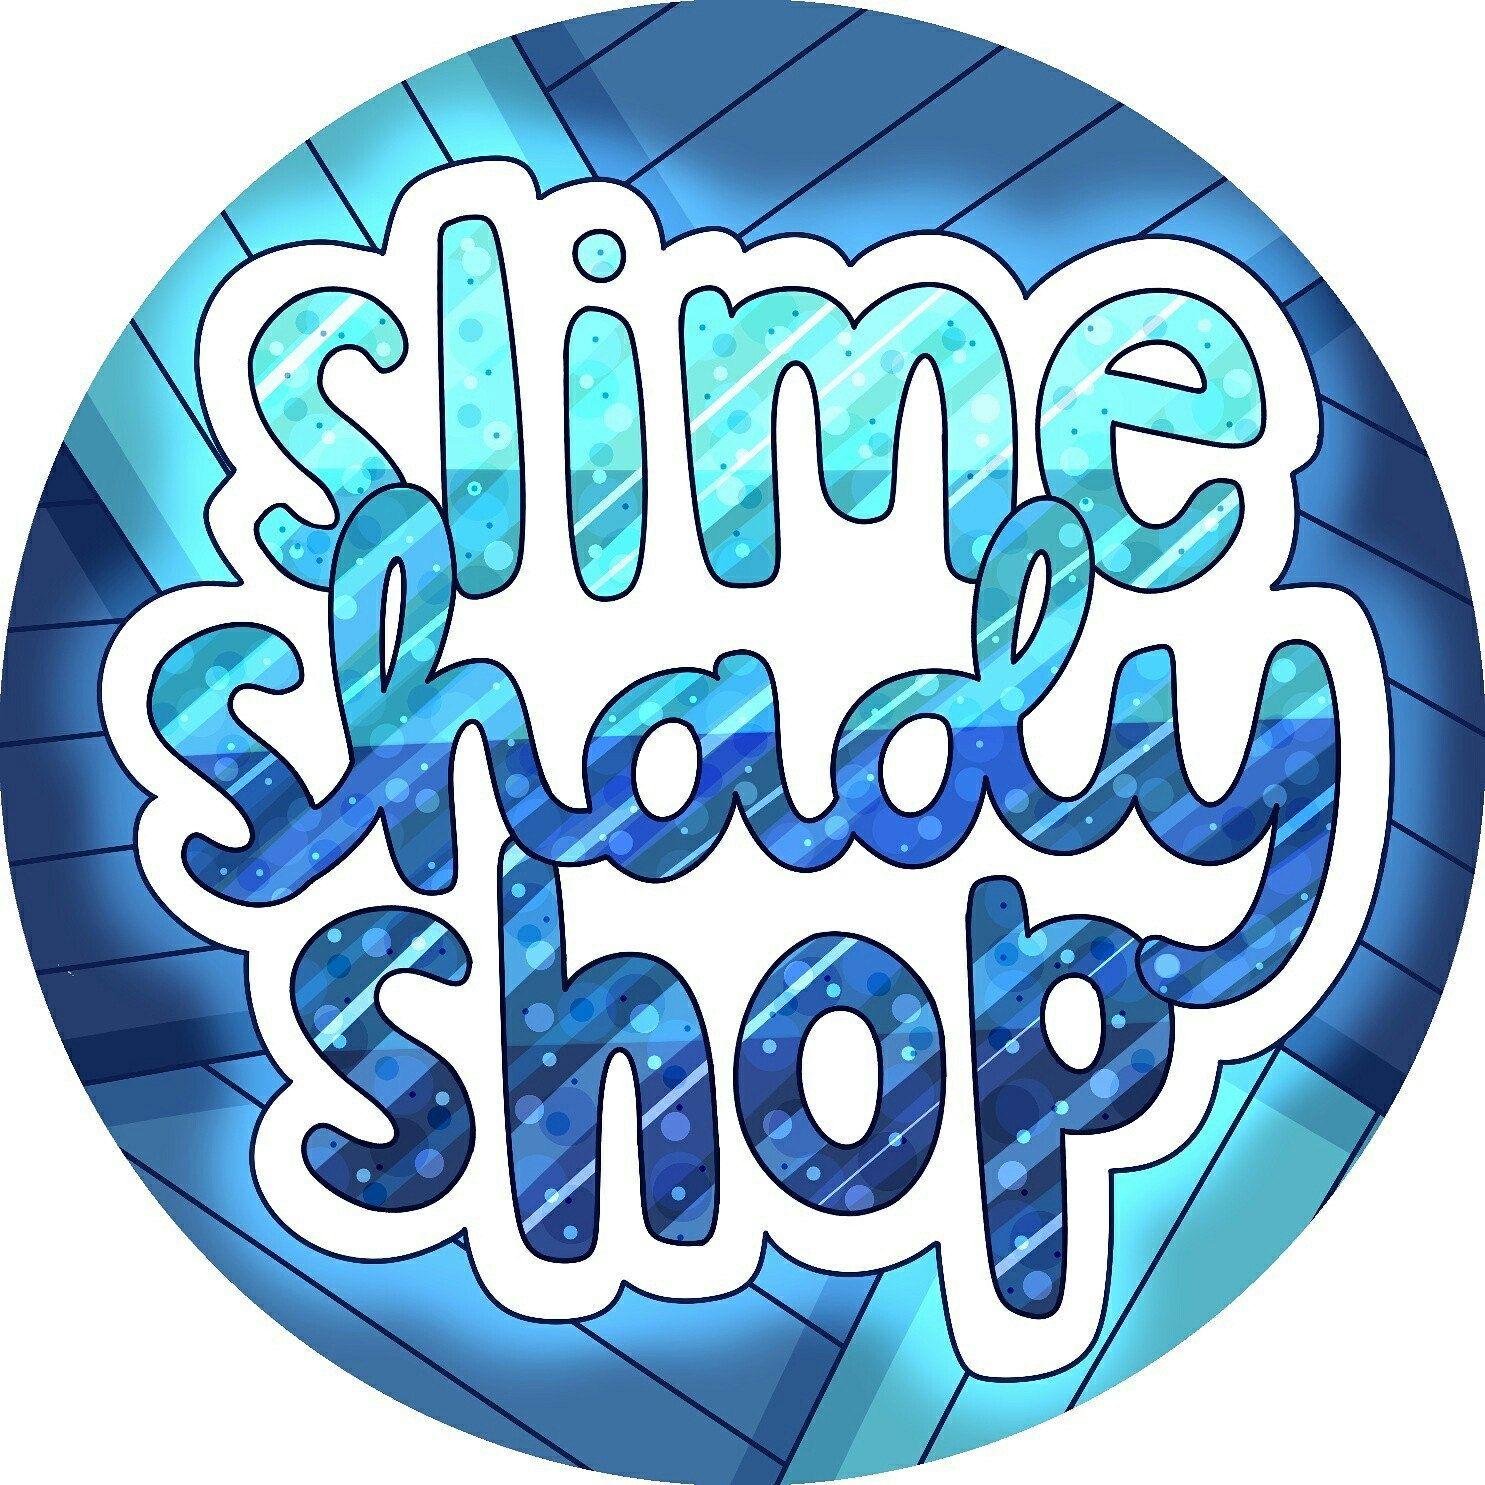 Parakeet slimes shop by parakeetslimesshop